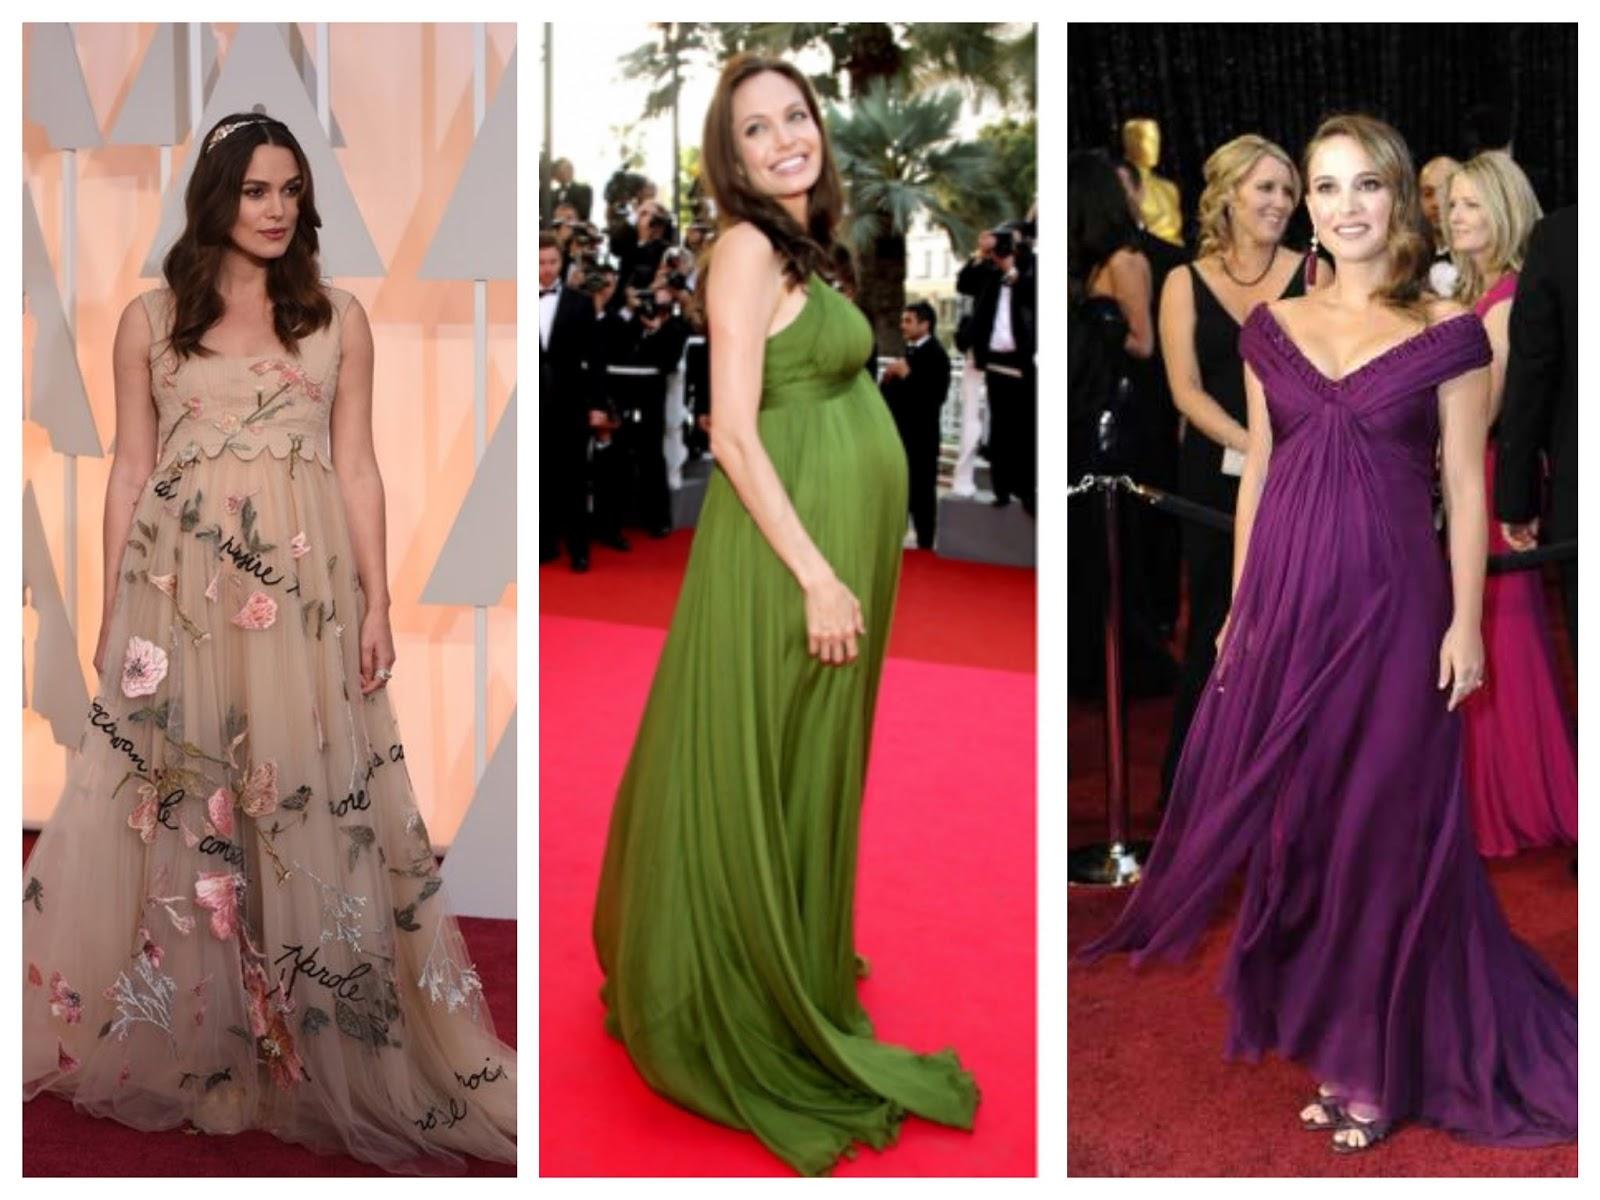 96ac67bdf Vestidos boda para invitadas embarazadas - Vestidos de moda en españa